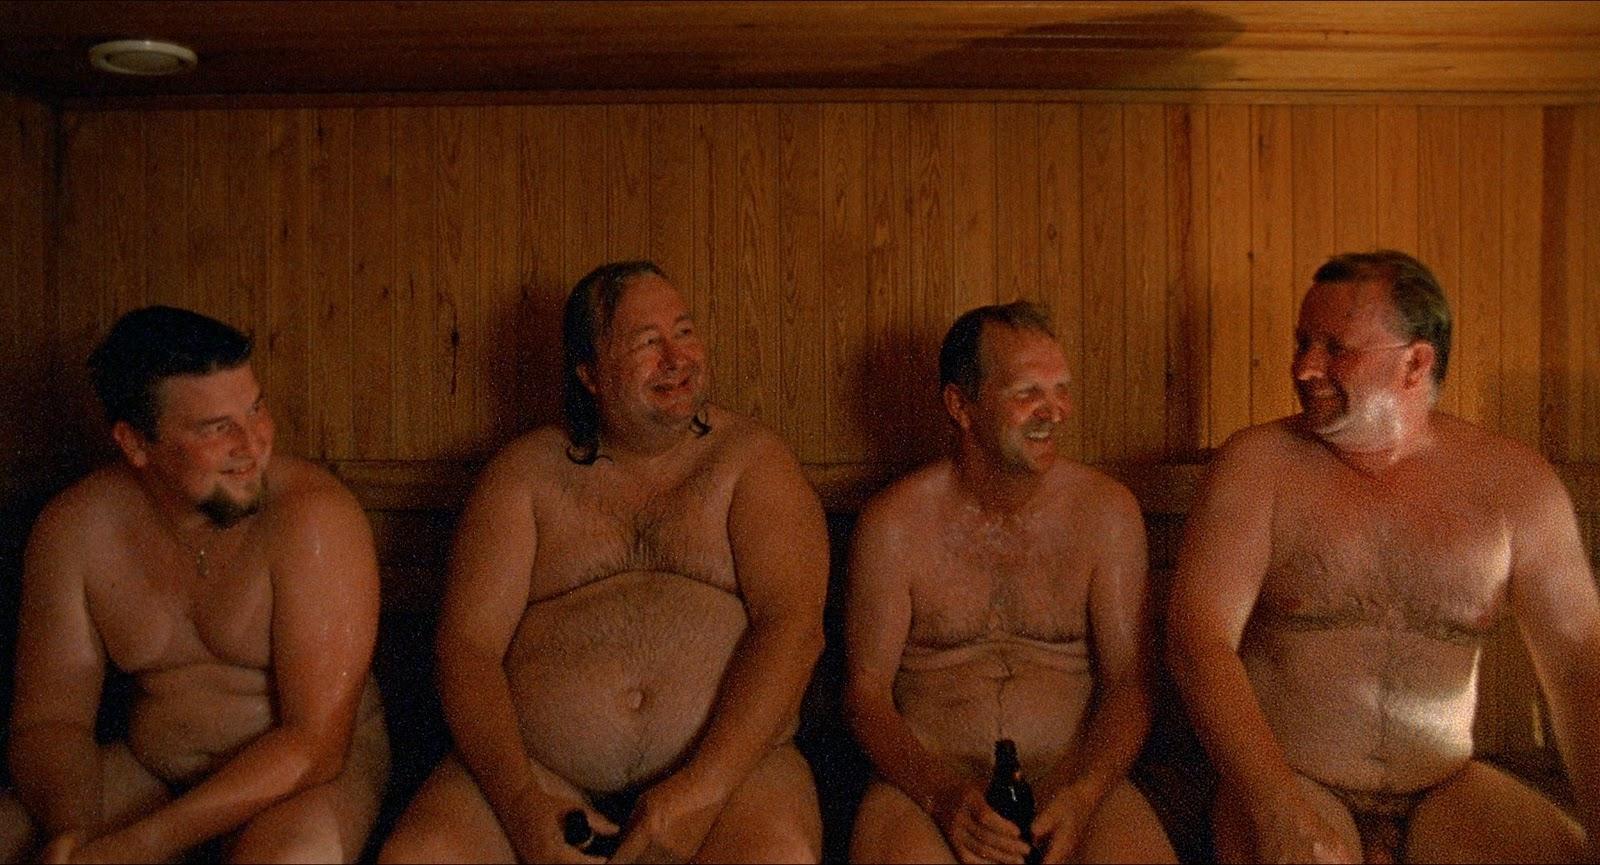 nakna tjejer om visar sig nakna